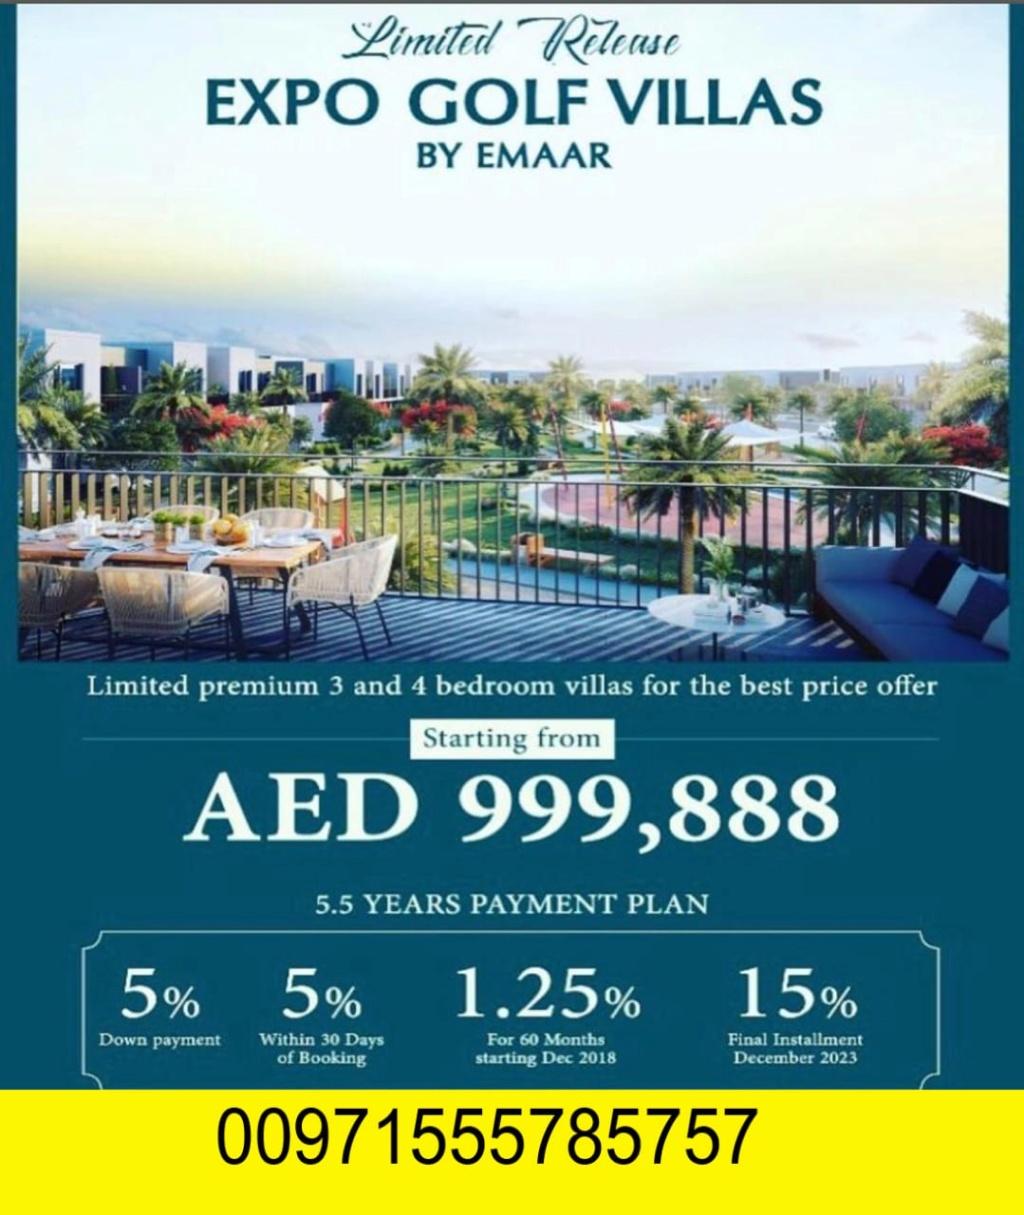 فلل للبيع في دبي بسعر مميز جدا يبدأ السعر من 999,888 (مليون درهم فقط ) وبالتقسيط الى مابعد الاستلام Img_8312